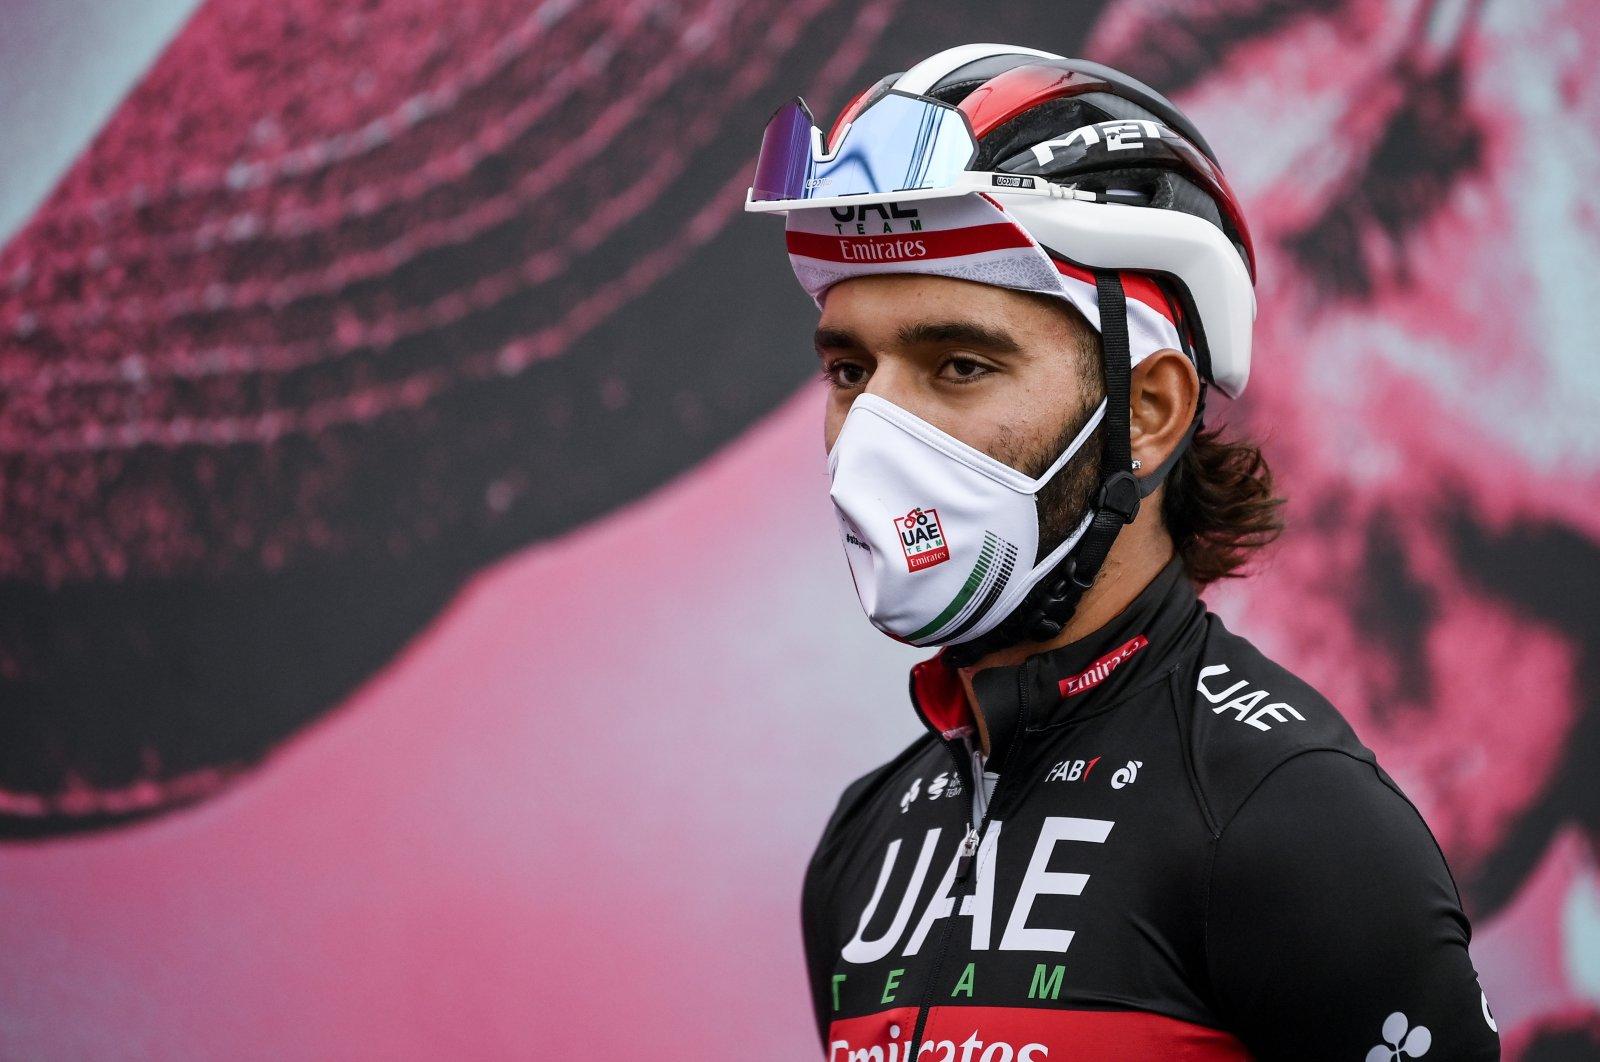 Fernando Gaviria before the 13th stage of Giro d'Italia, near Cervia, Italy, Oct. 16, 2020. (AP Photo)